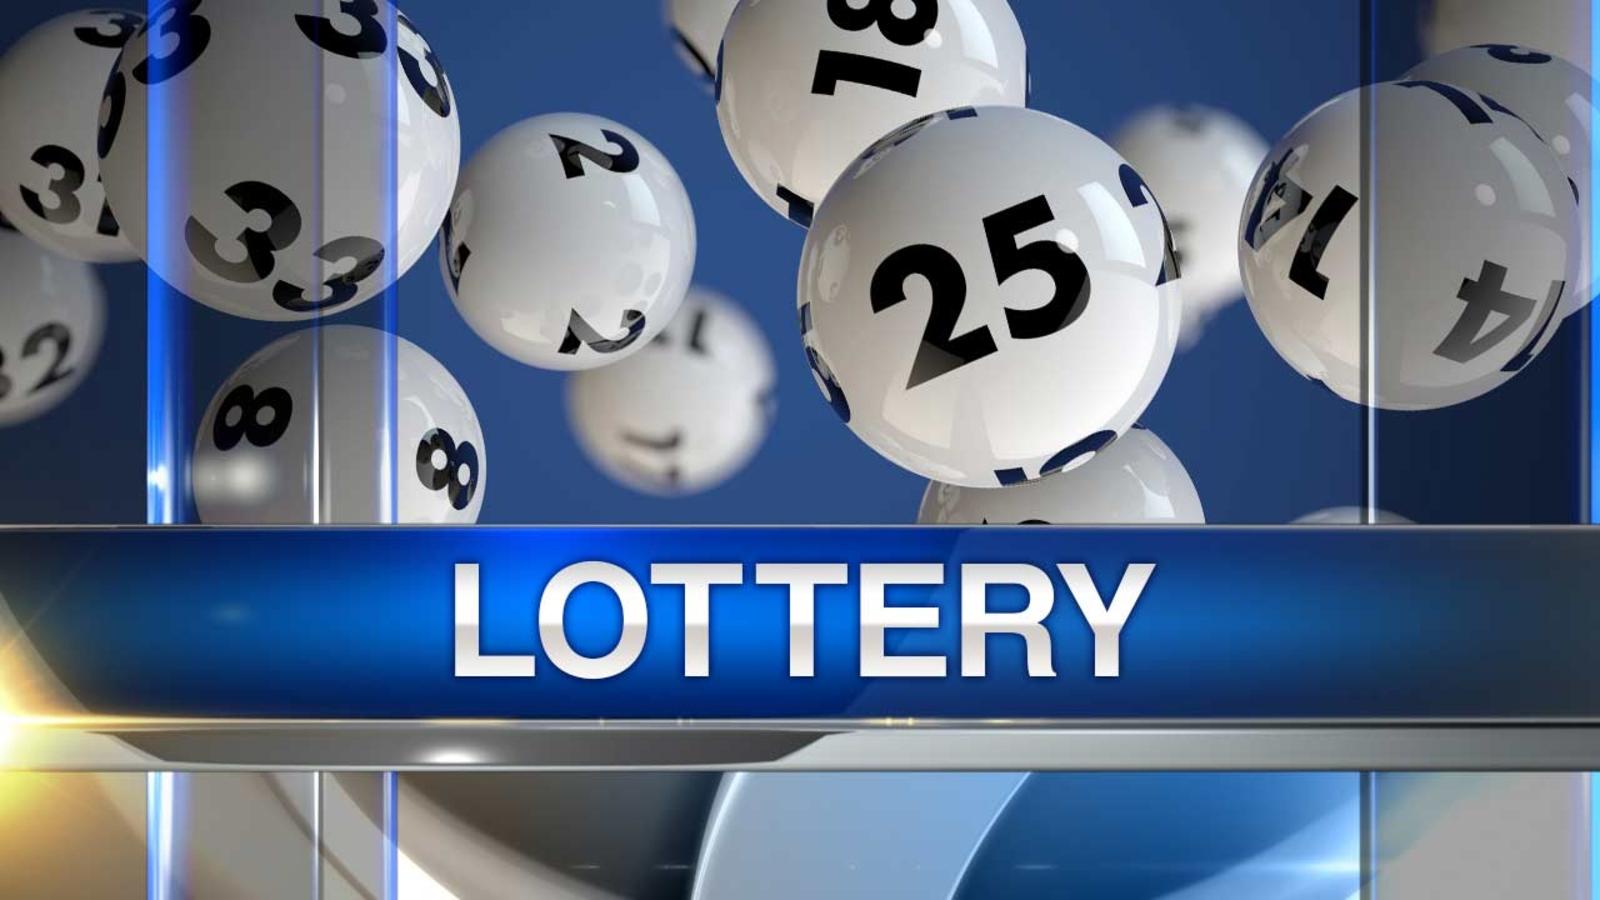 Mystery millionaire? $4 million Illinois Lottery prize